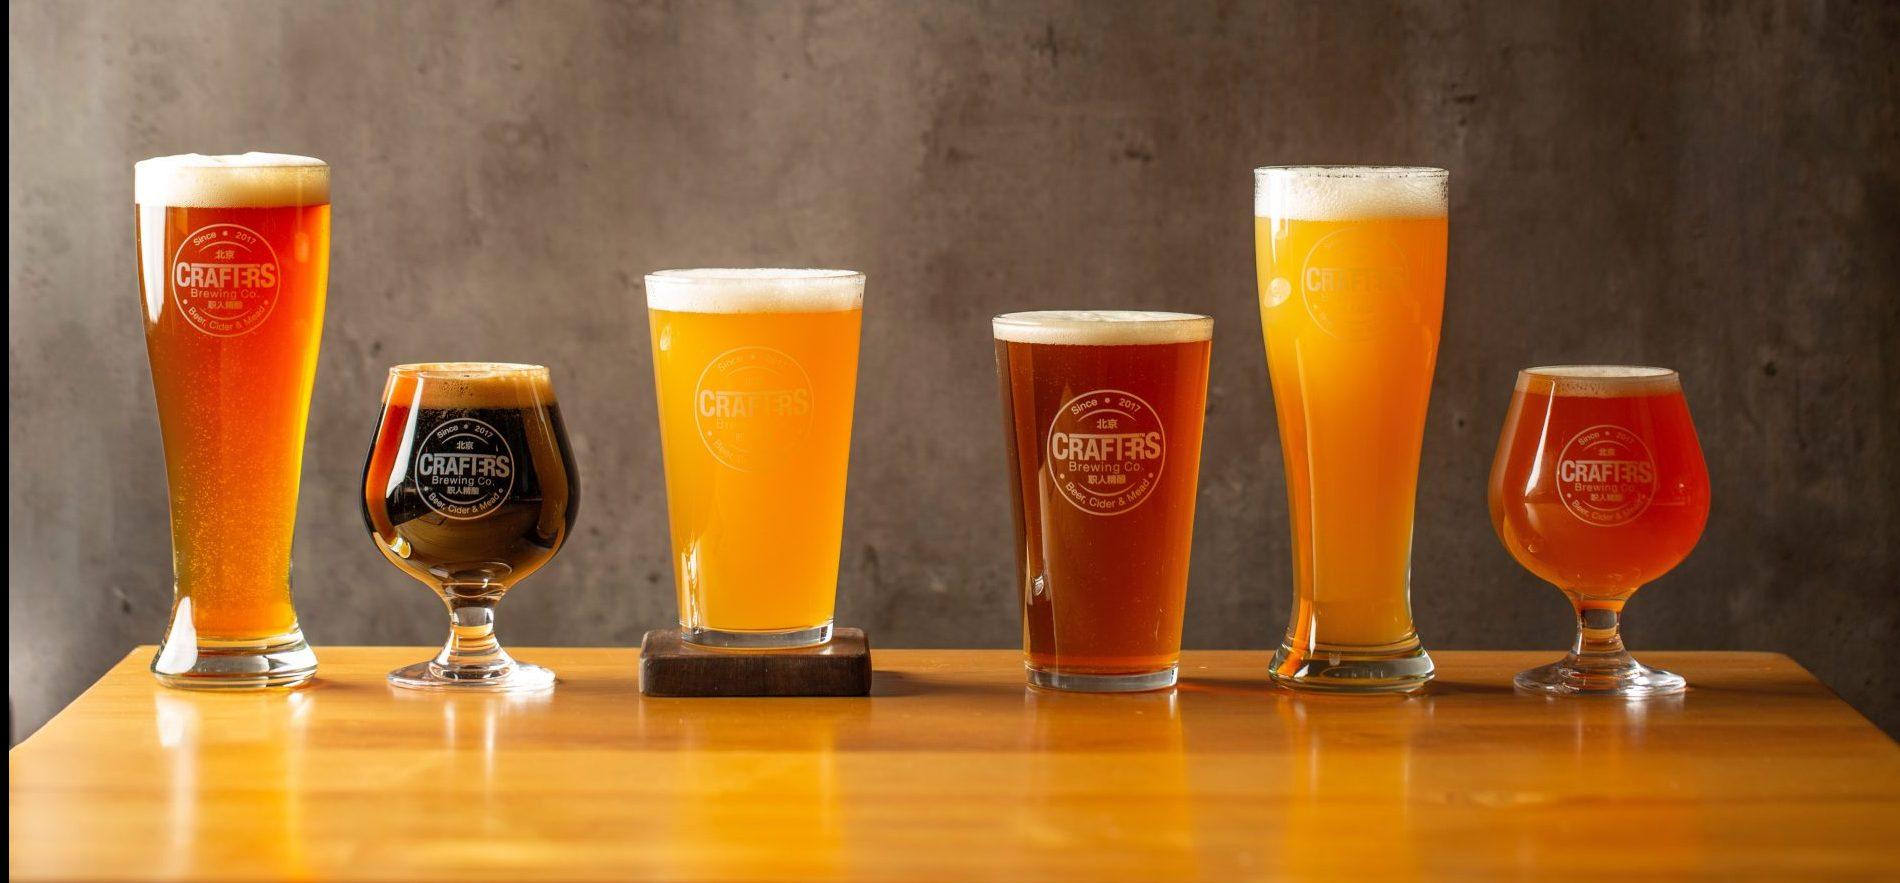 2021年1-3月の新CMランキング(ビールと発泡酒・新ジャンル)を発表